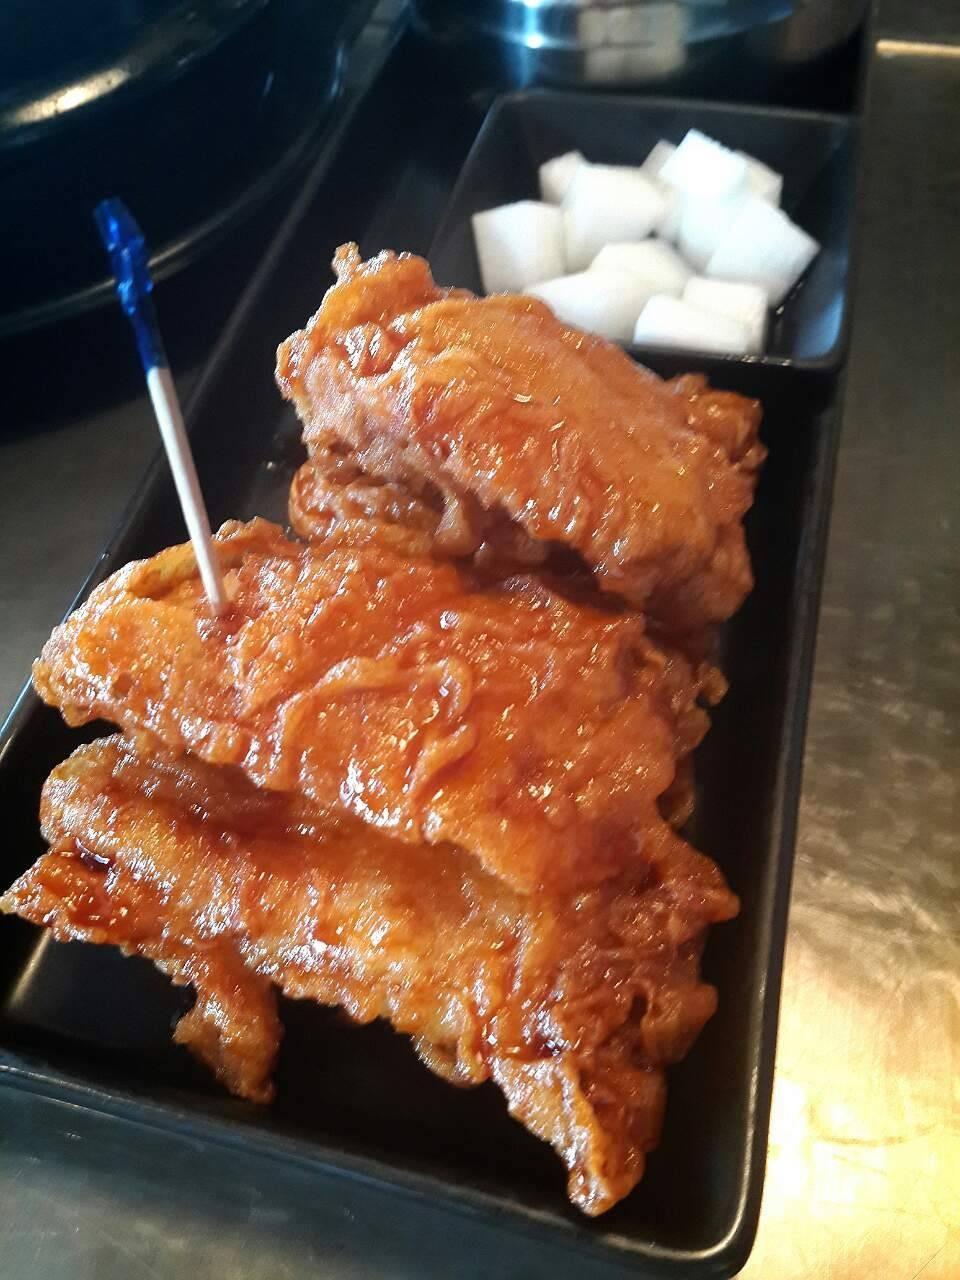 ไก่ทอดไร้กระดูก (เนื้อสะโพก)